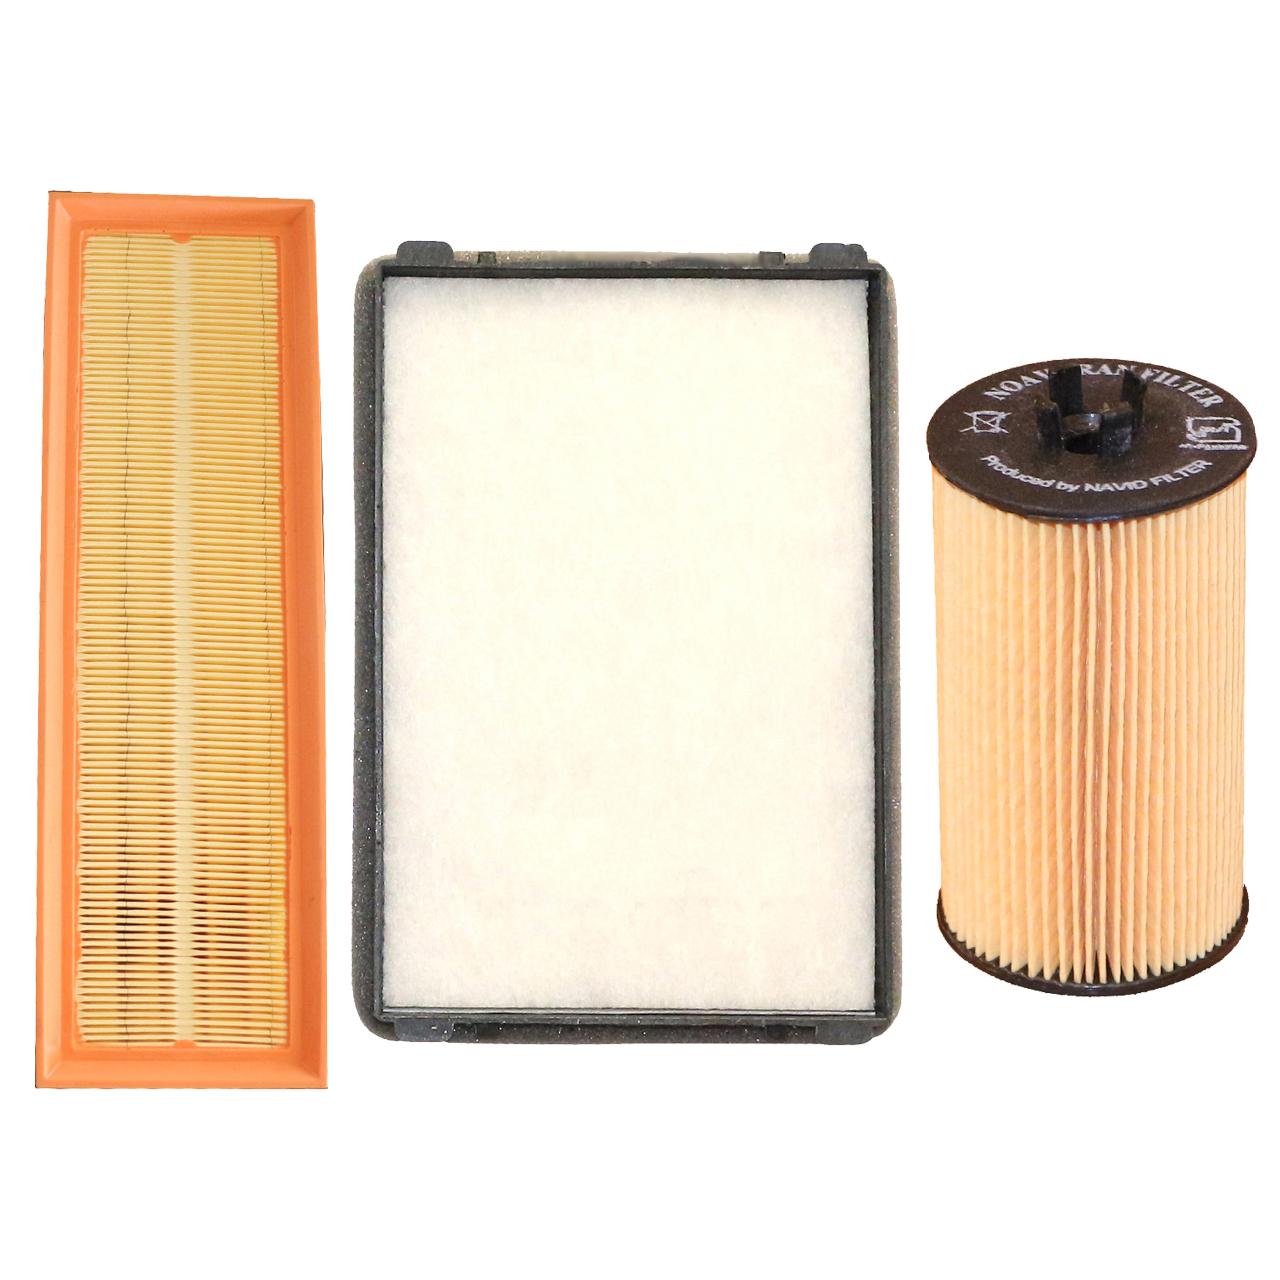 فیلتر روغن خودرو نوآوران فیلتر مدل EF7 مناسب برای سمند ملی به همراه فیلتر هوا و فیلتر کابین